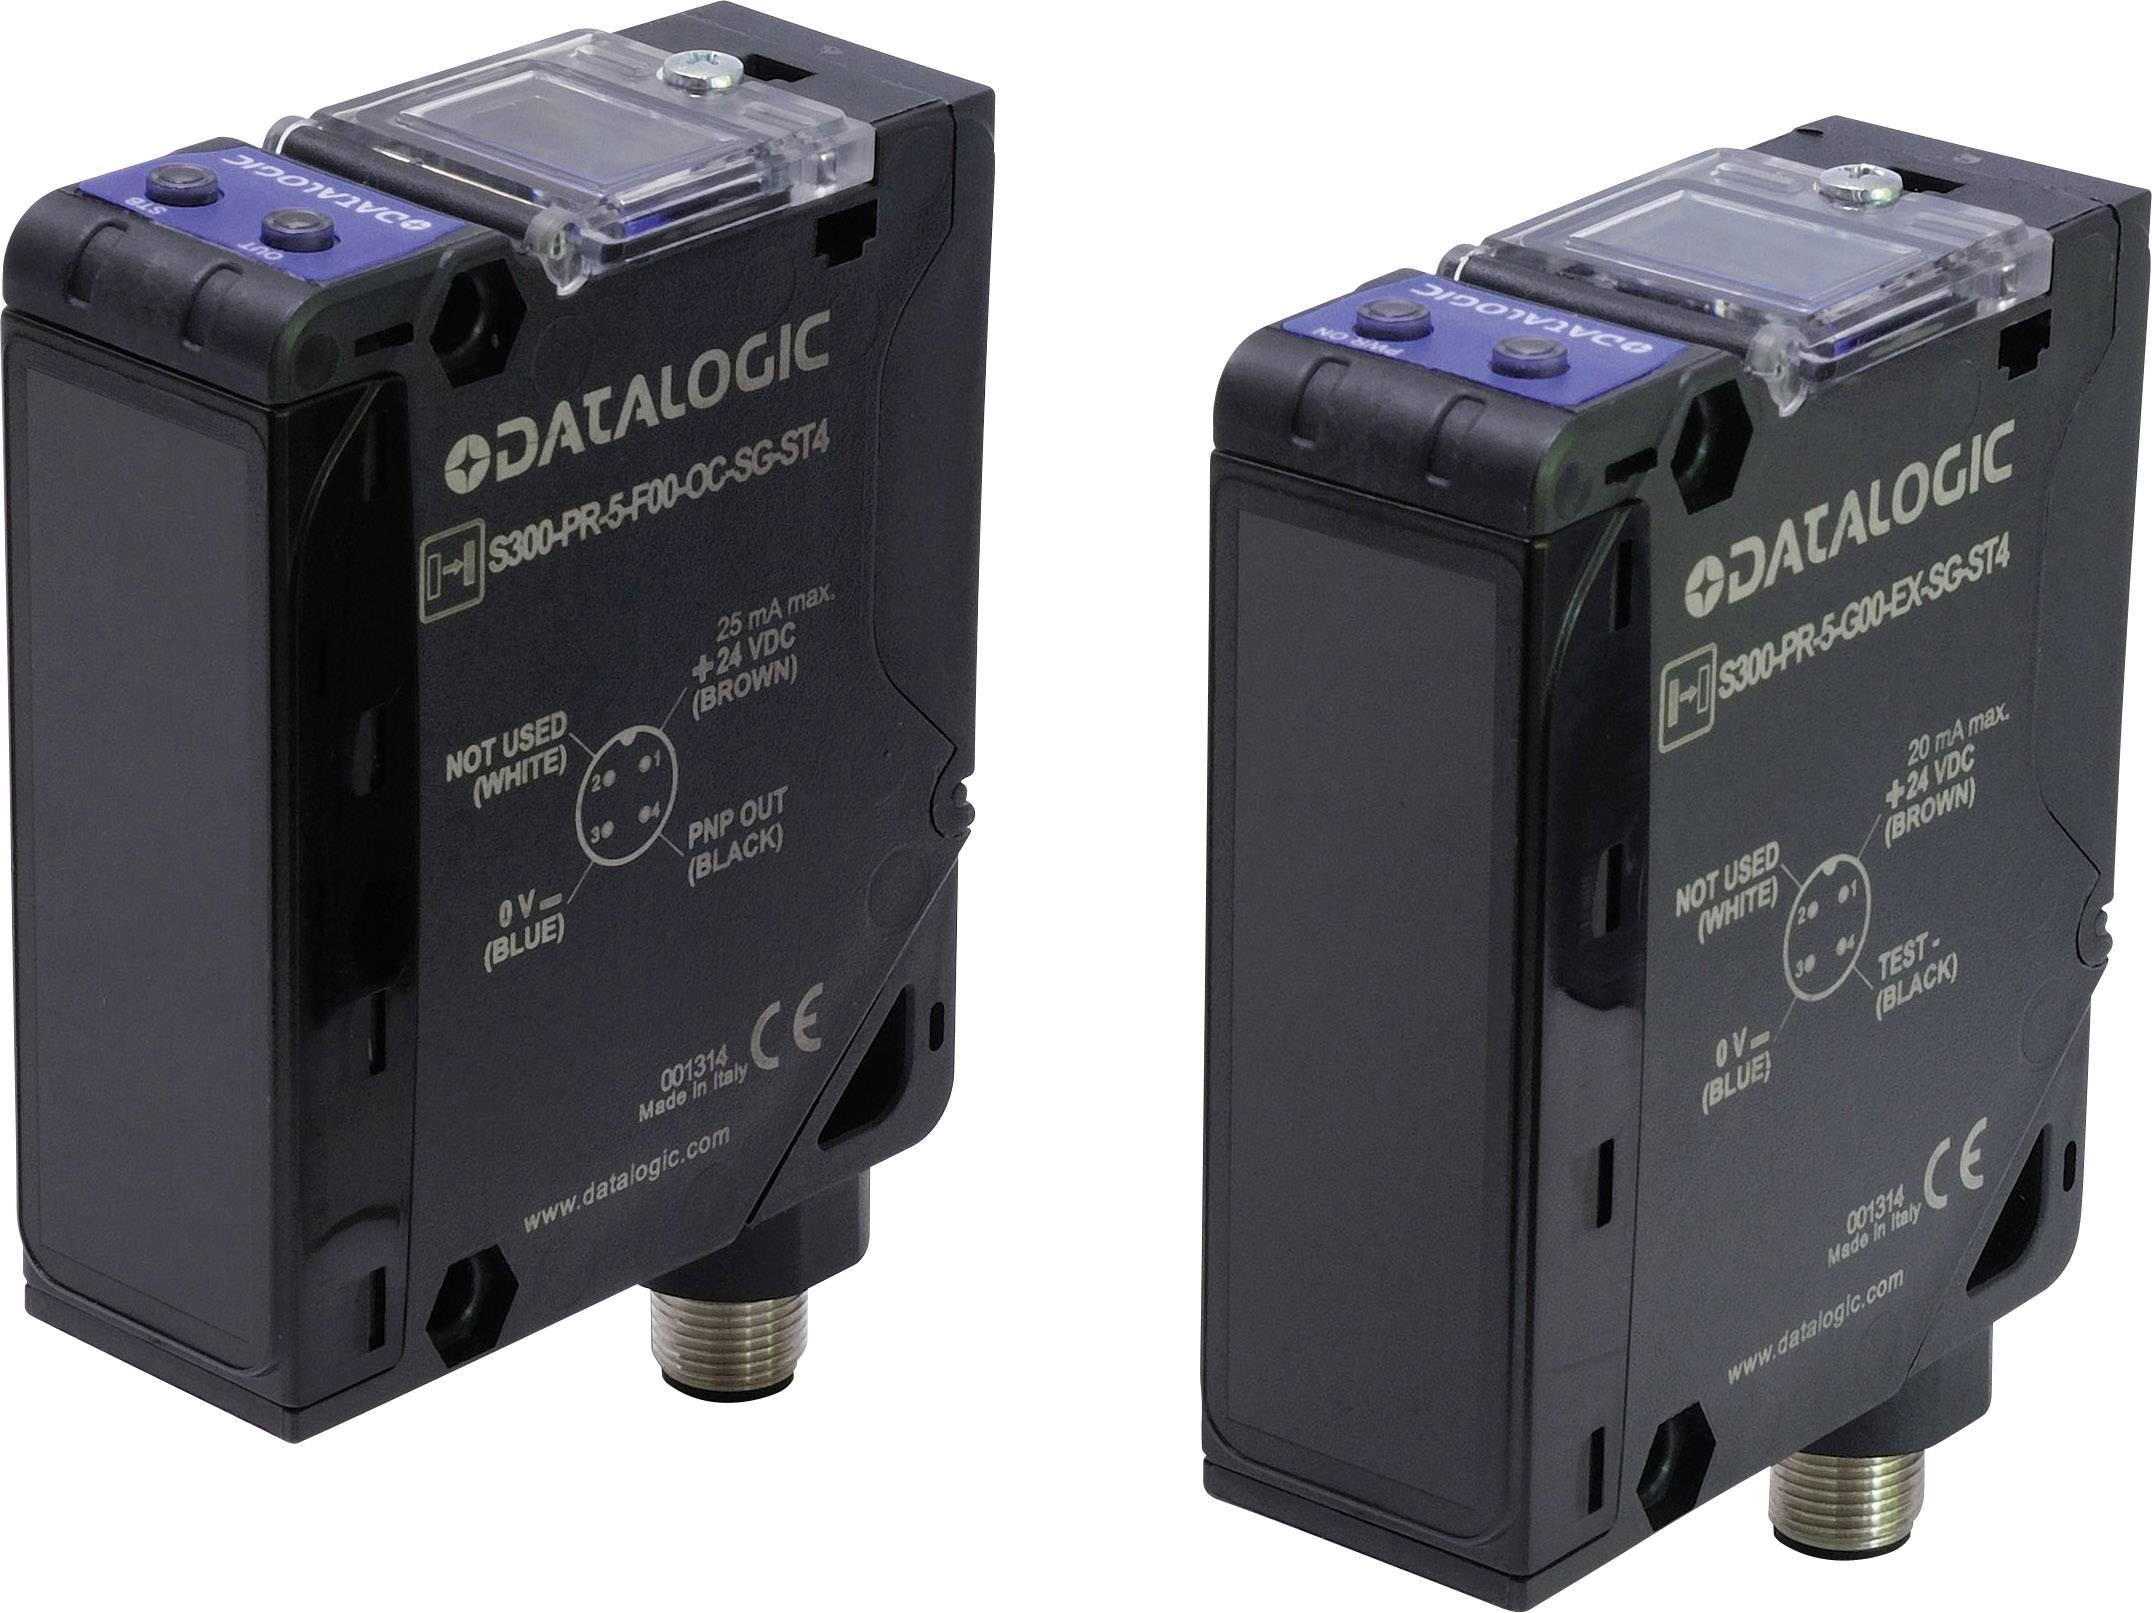 Reflexní světelná závora DataLogic S300-PR-1-C01-RX 951451110, Max. dosah 5 m